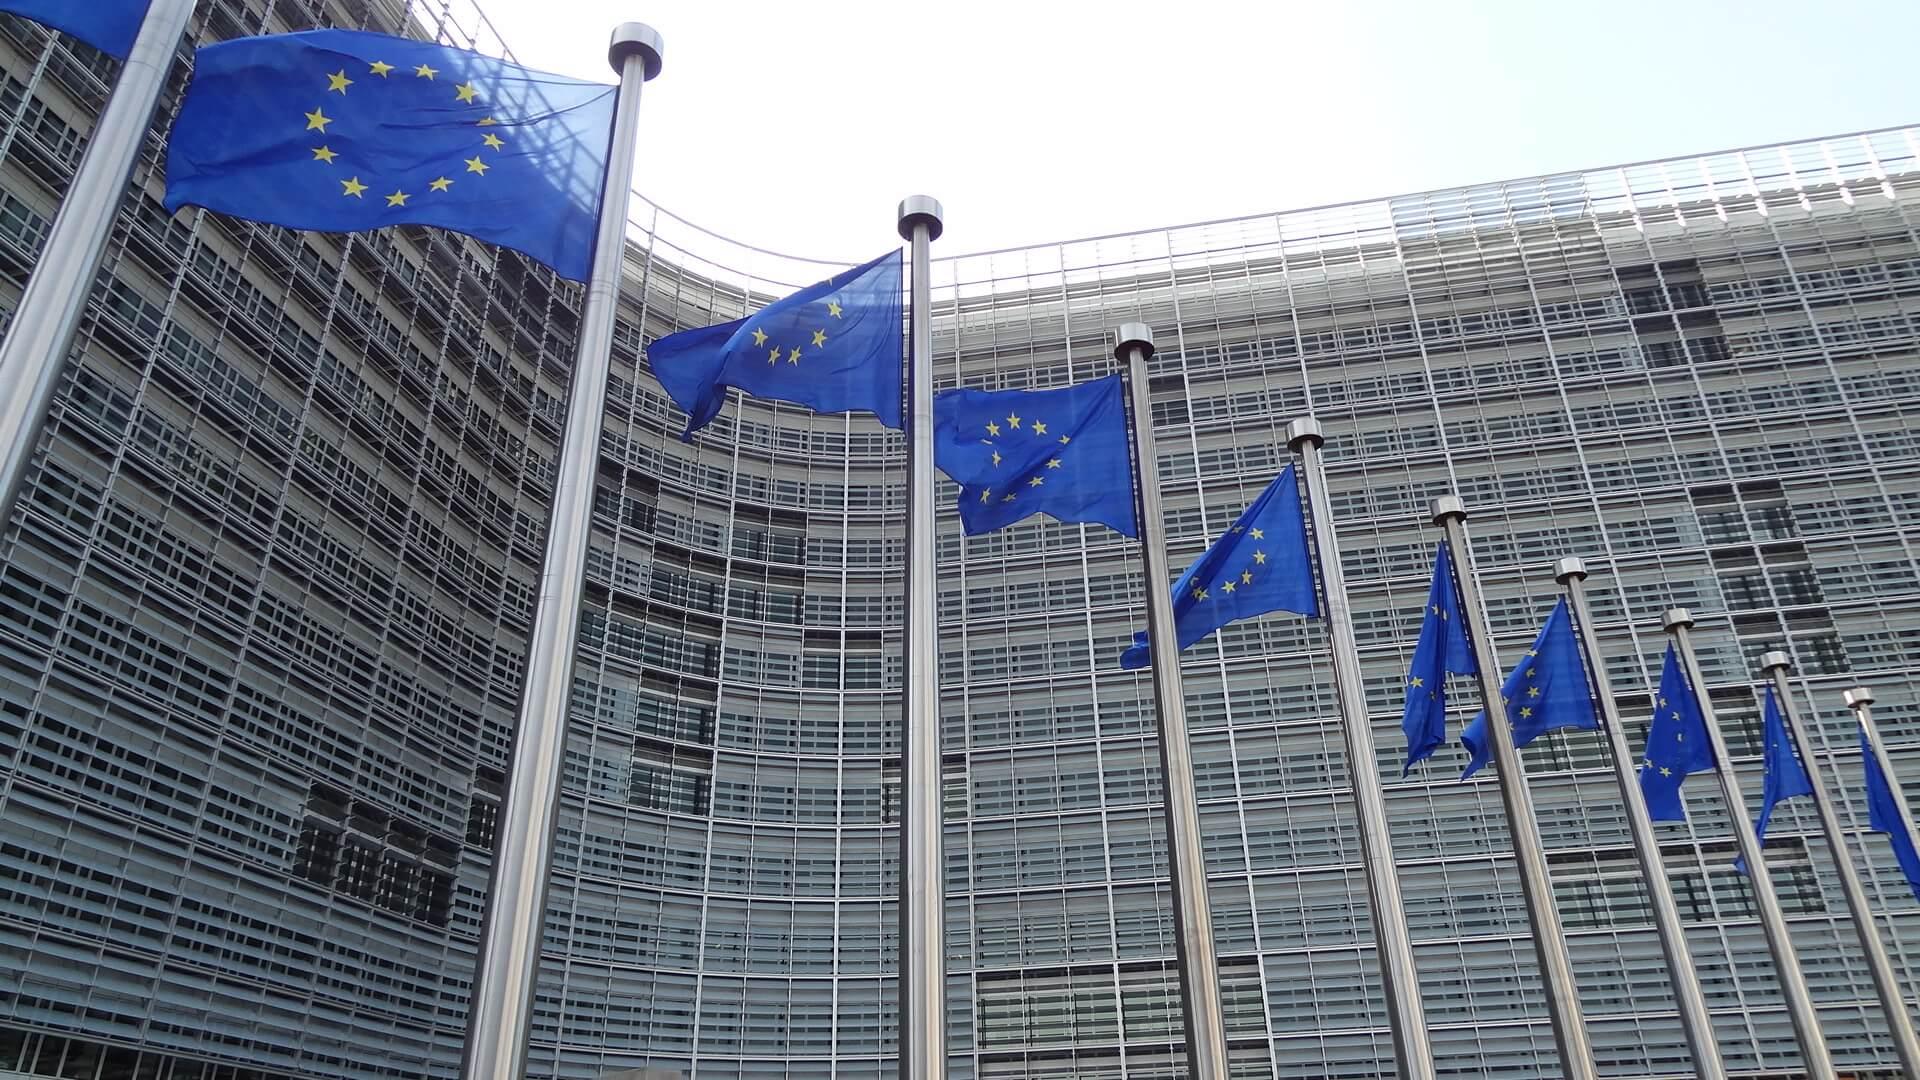 Κορονοϊός: Σύμβαση και με την CureVac για την αγορά εμβολίων υπέγραψε η Κομισιόν